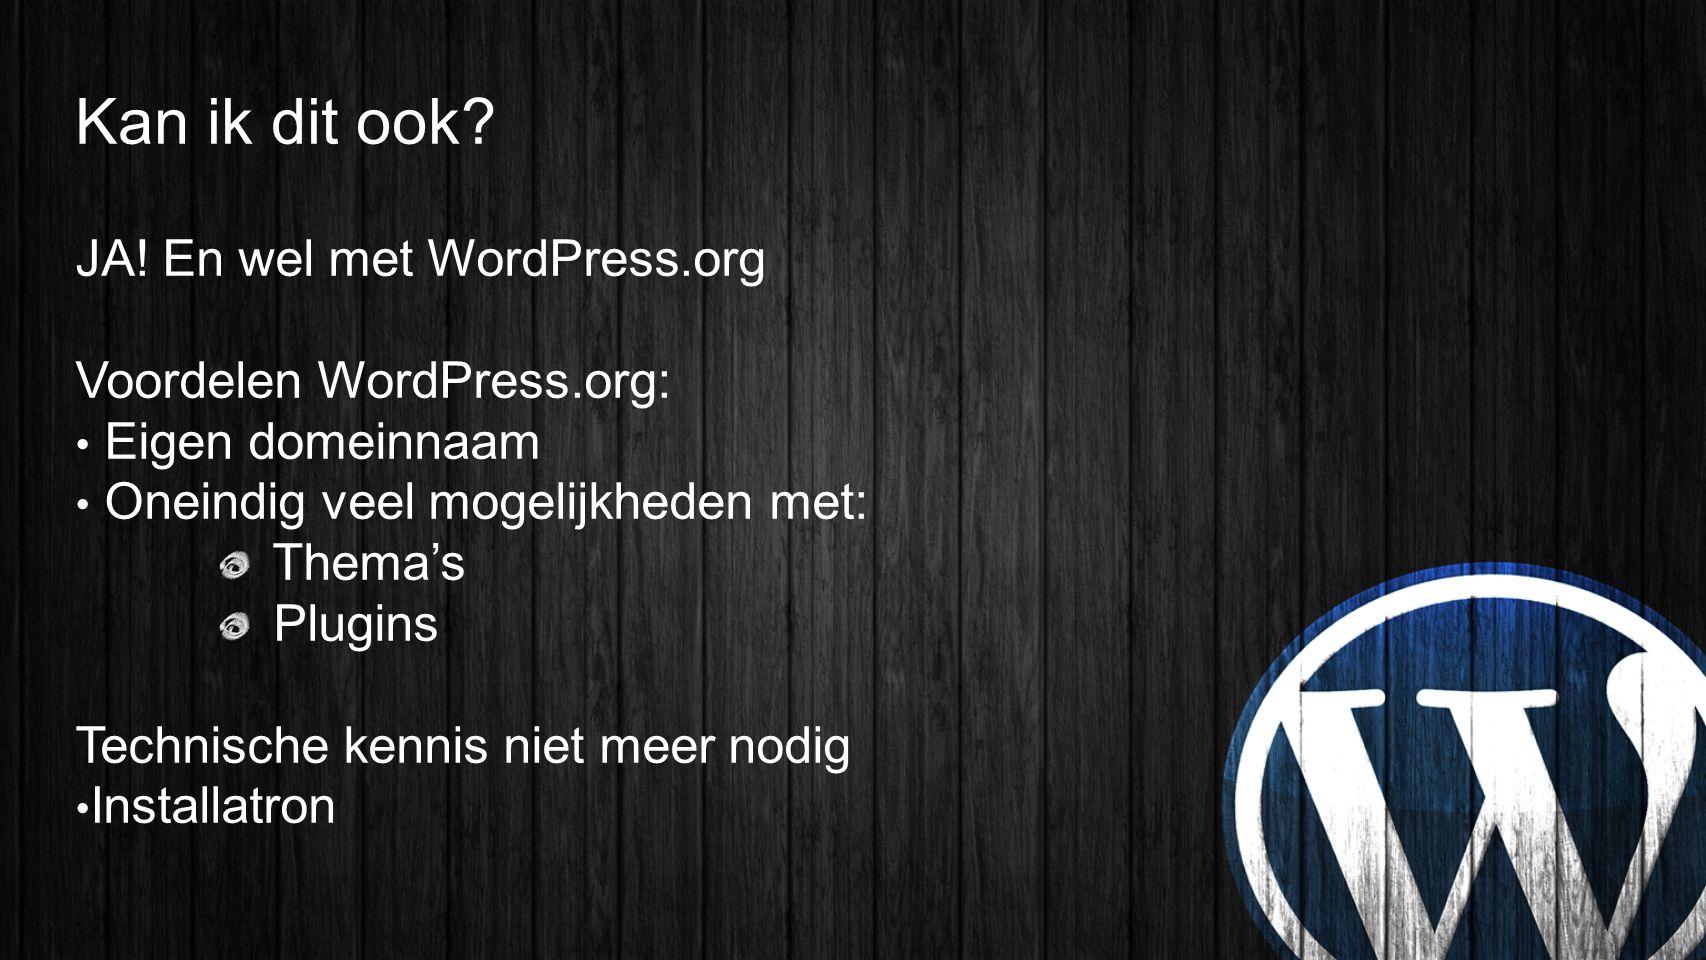 Kan ik dit ook? JA! En wel met WordPress.org Voordelen WordPress.org: • Eigen domeinnaam • Oneindig veel mogelijkheden met: Thema's Plugins Technische